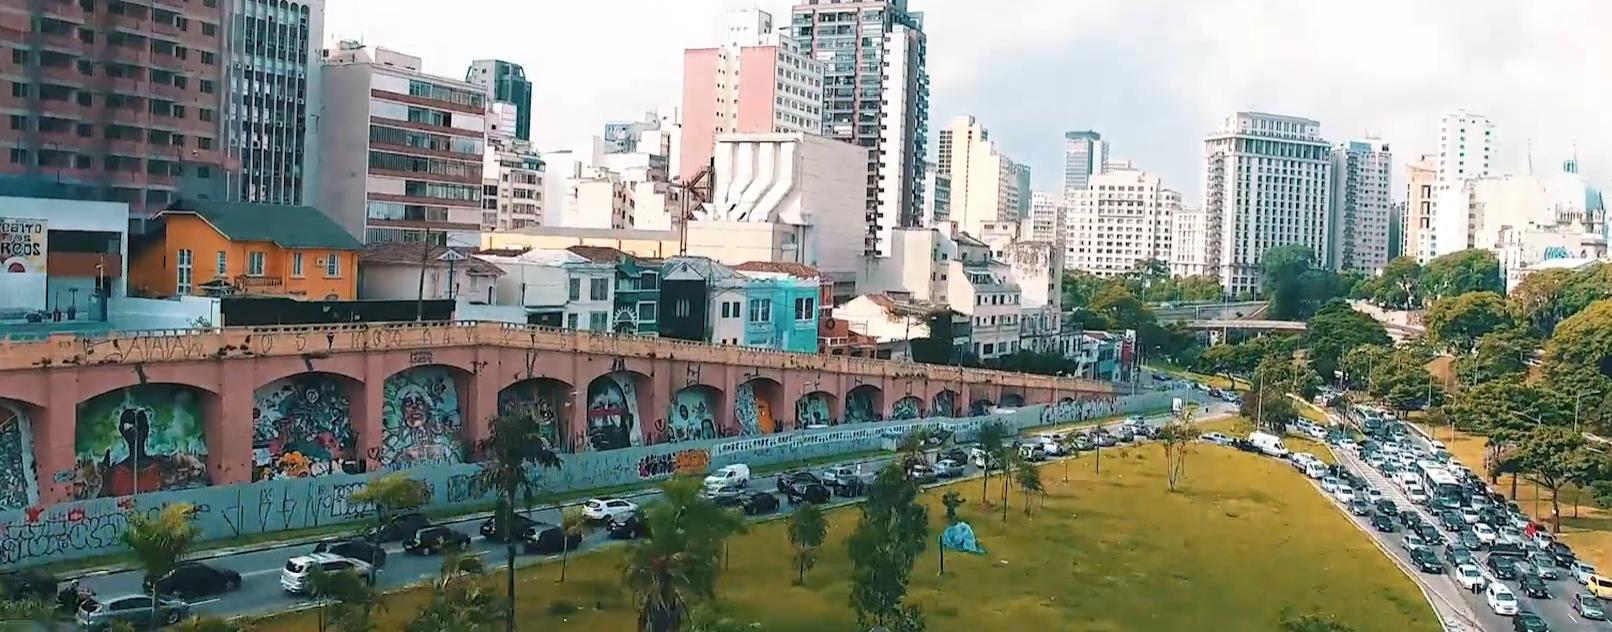 Os incriveis graffitis de Sao Paulo vistos atraves de um drone (9 pics)